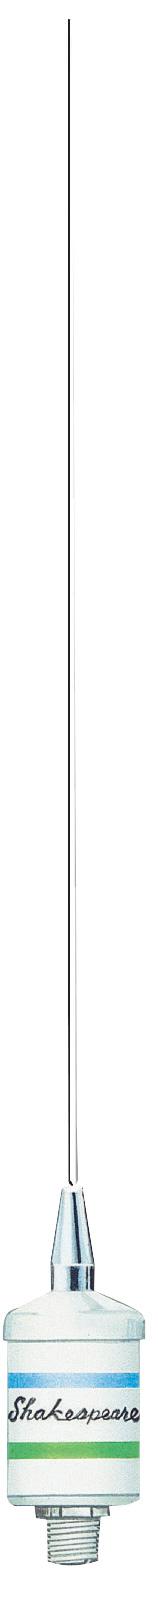 【国際VHF無線アンテナ】シェークスピア 36インチ